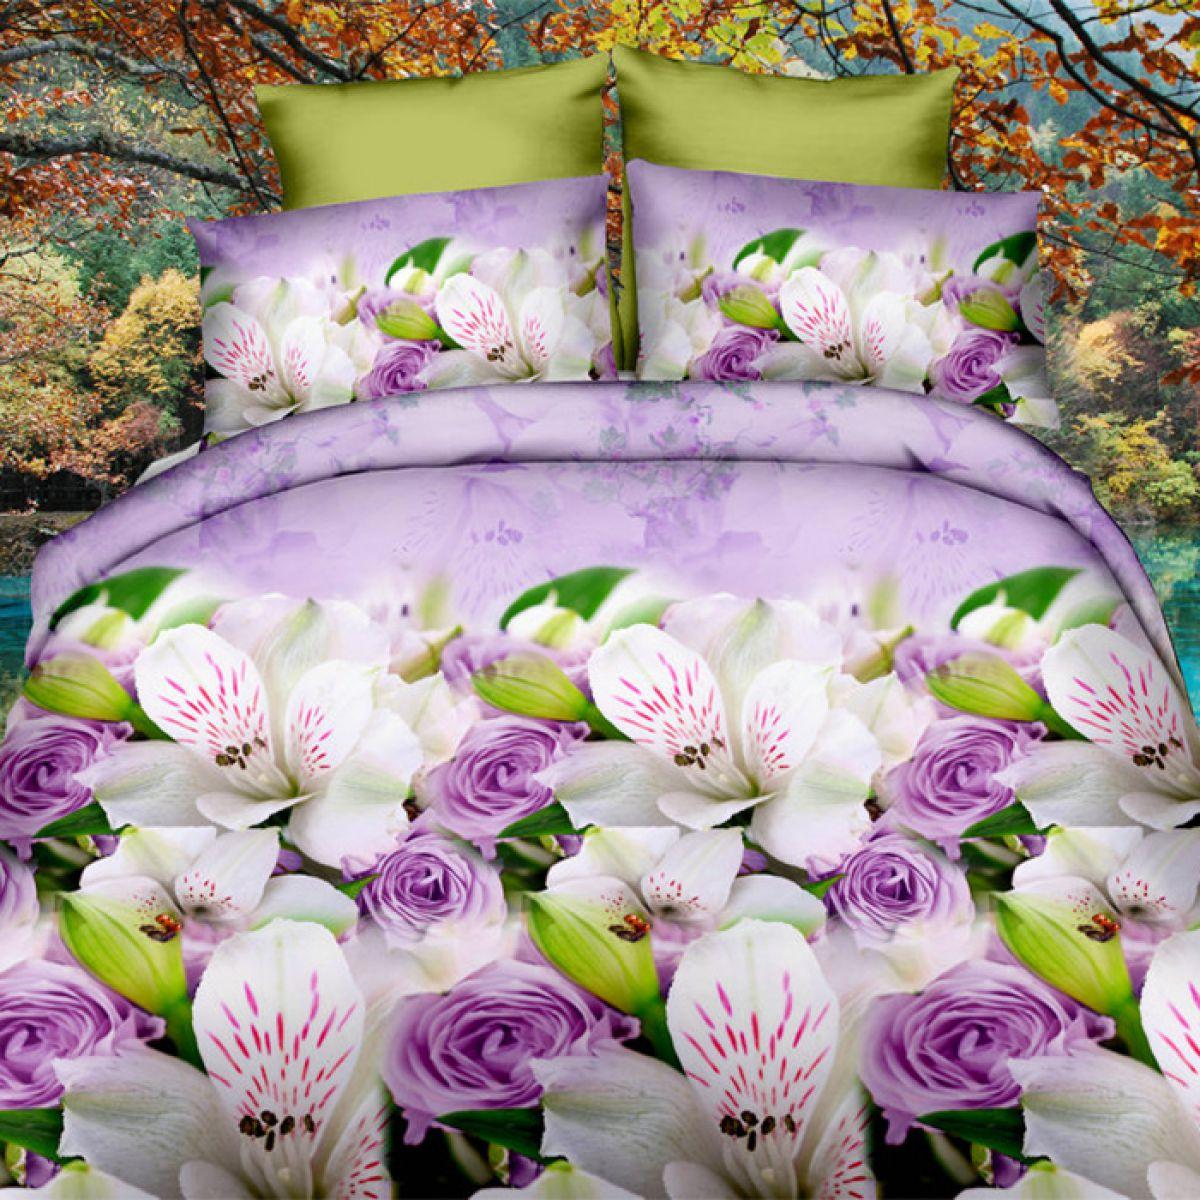 3D Beddings - Cotton World - FSP-340 - 180x200 cm - 4 pcs